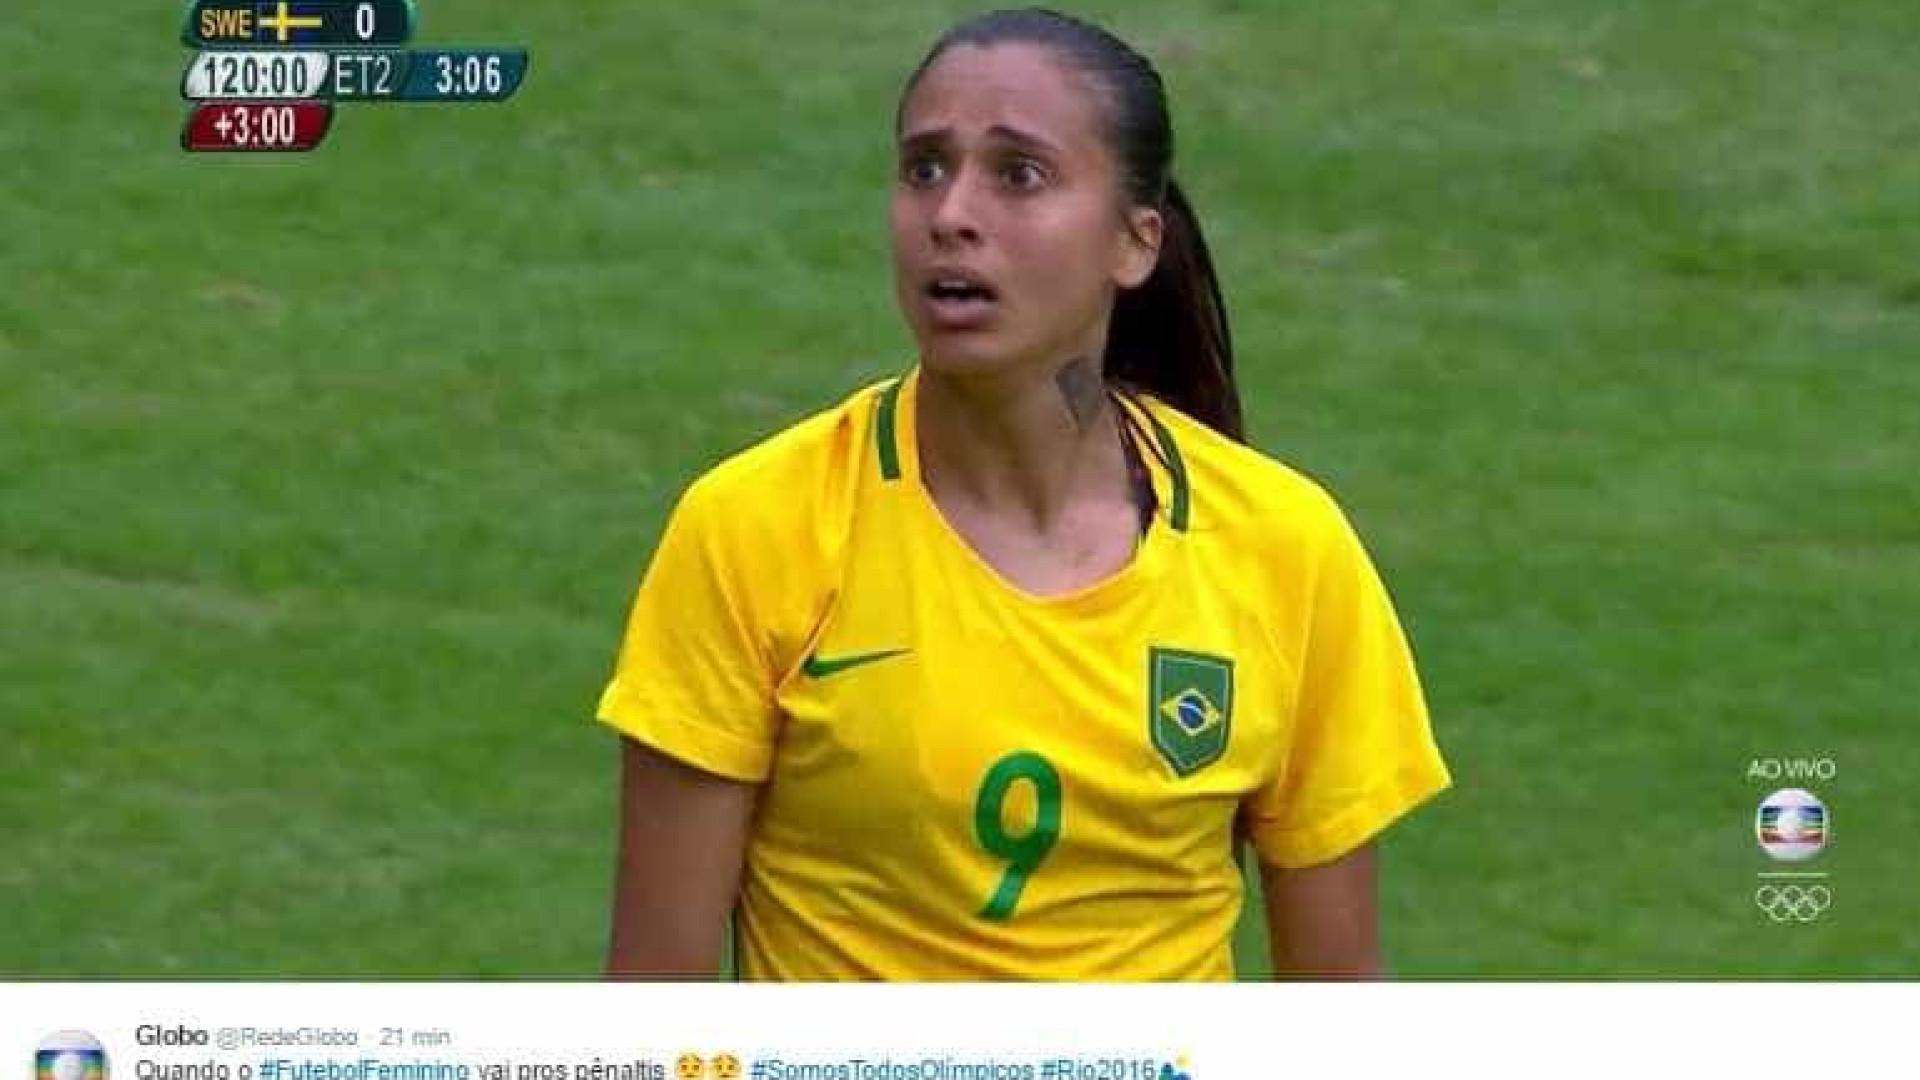 Rio 2016 Seleção Feminina Perde E Internet Se Enche De Memes